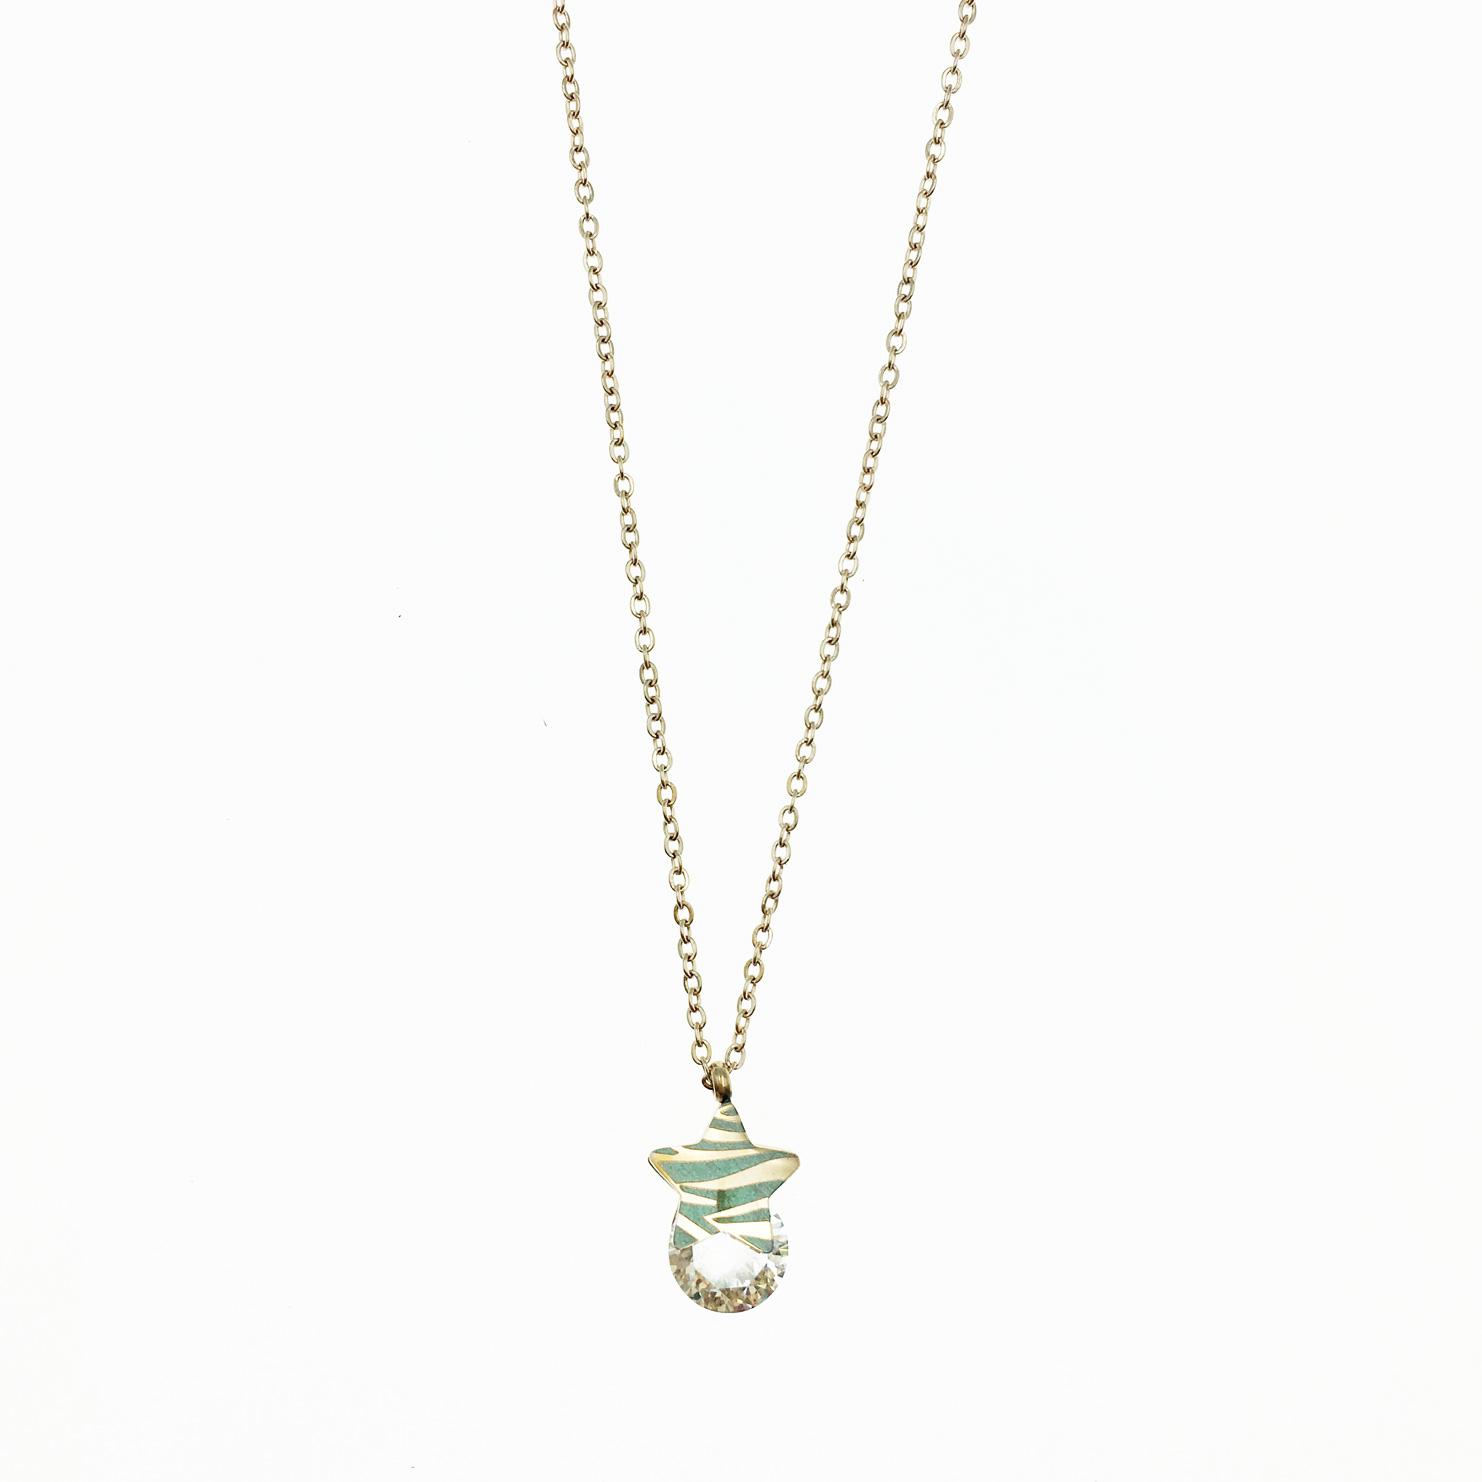 韓國 不鏽鋼 星星 夾心水鑽 玫瑰金 項鍊